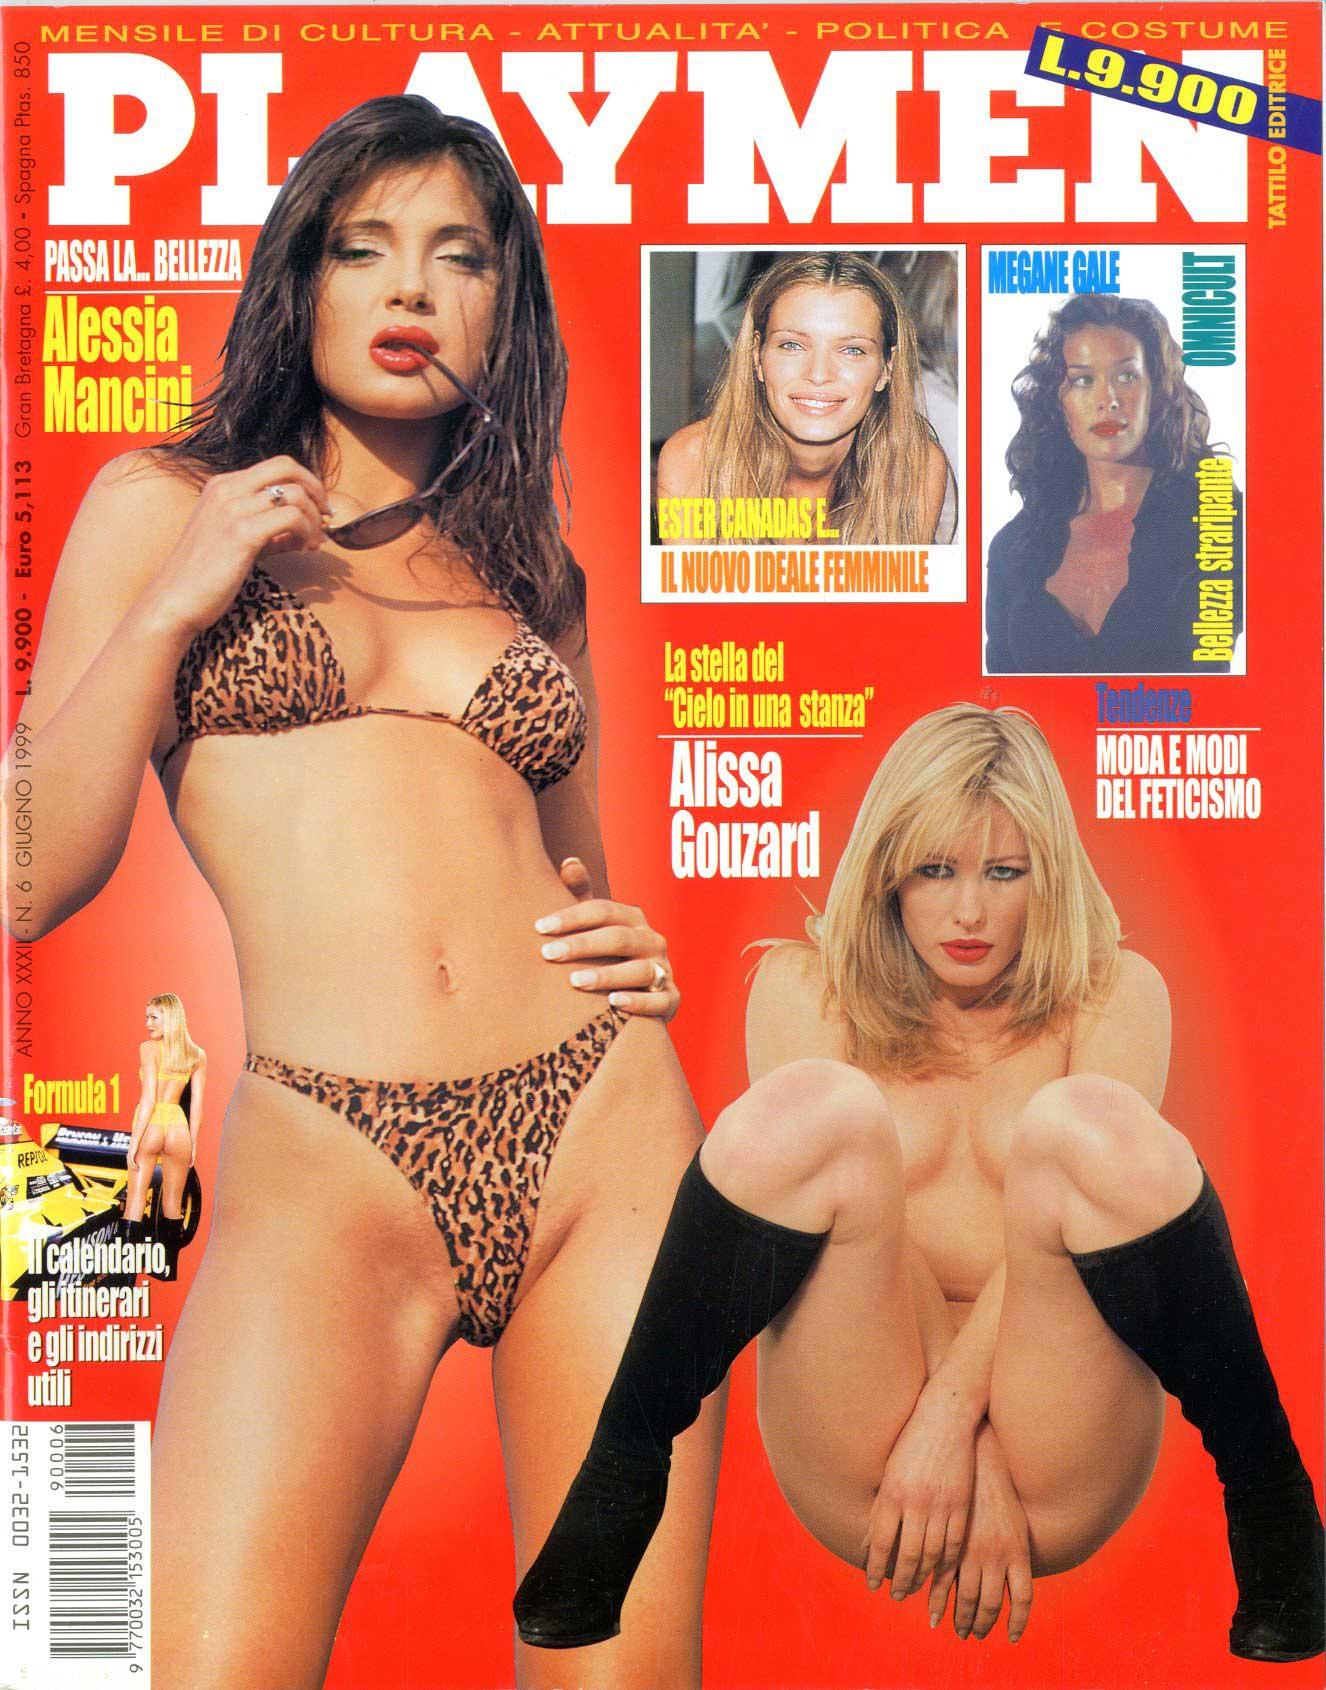 Alessia Mancini Calendario.Tattilo Editrice Playmen 1999 Anno 33 6 Alessia Mancini E Alissa Gouzard